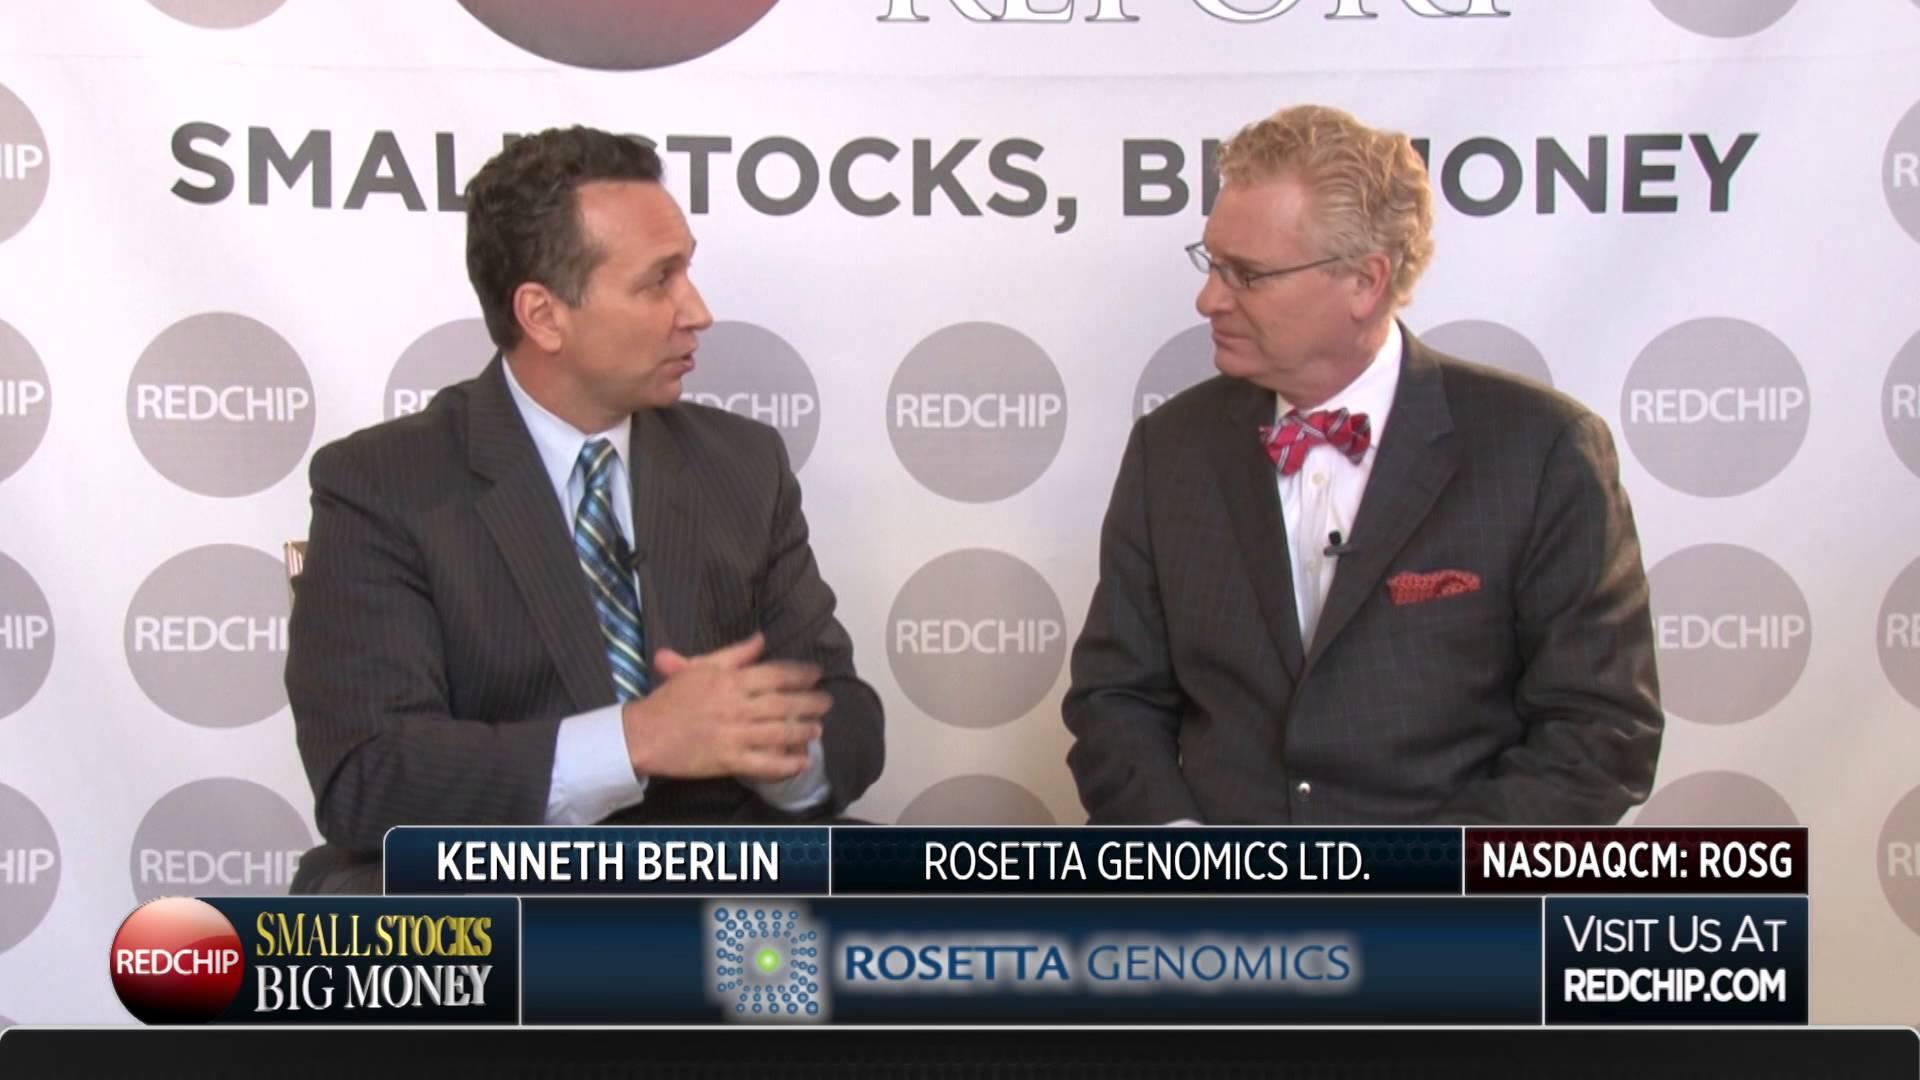 Accordo di distribuzione AXA e Rosetta Genomics